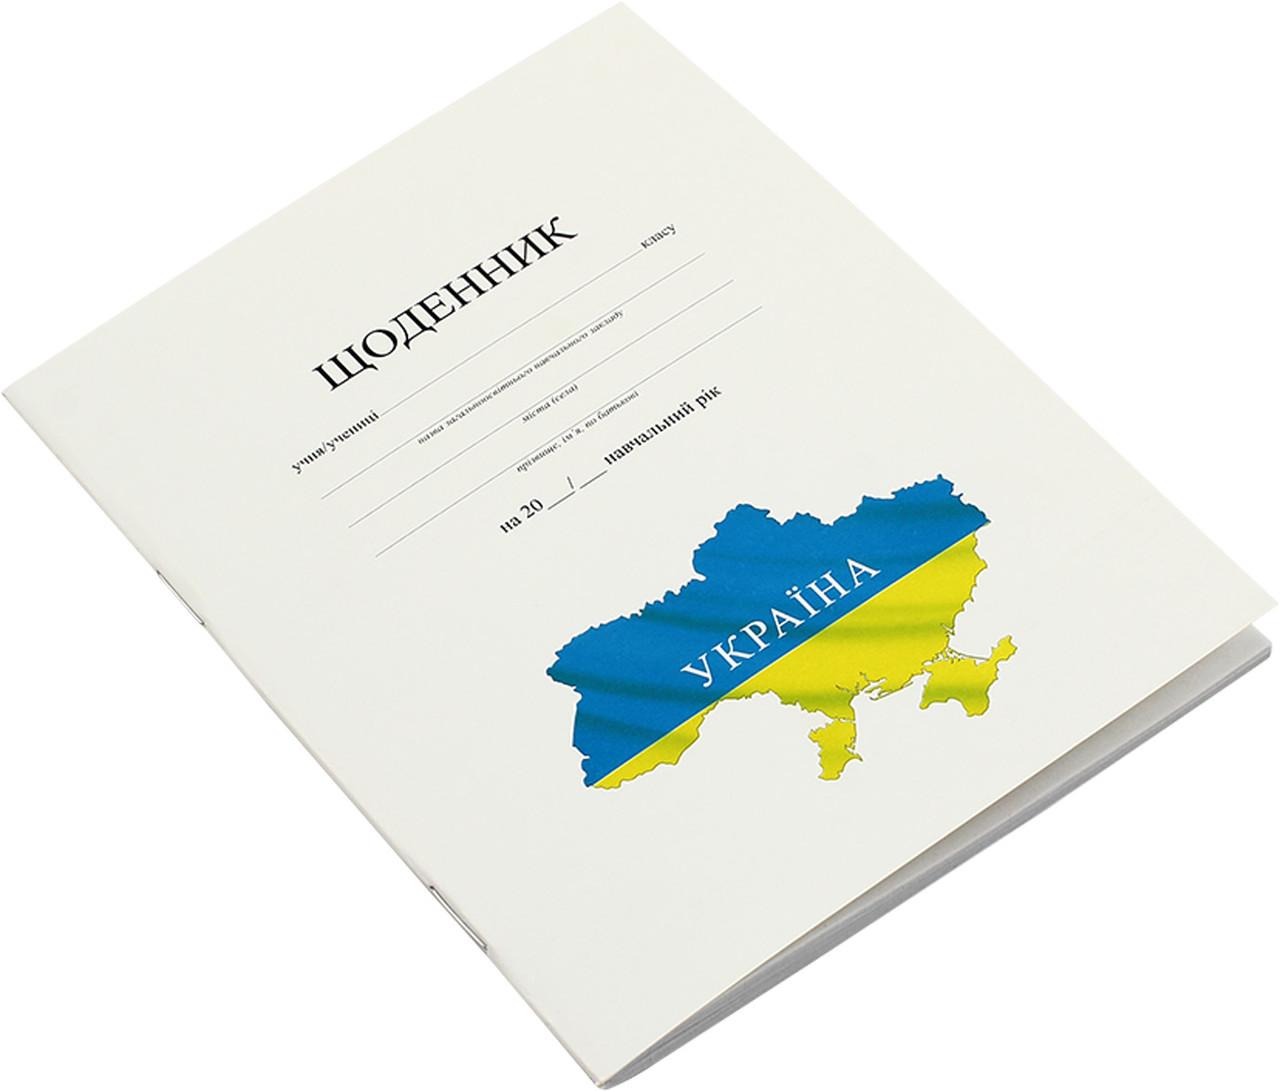 Щоденник шк. A5 №Щ-4 40 арк.,картон обкл.,біл.,з картою України/Рюкзачок/(10)(40)